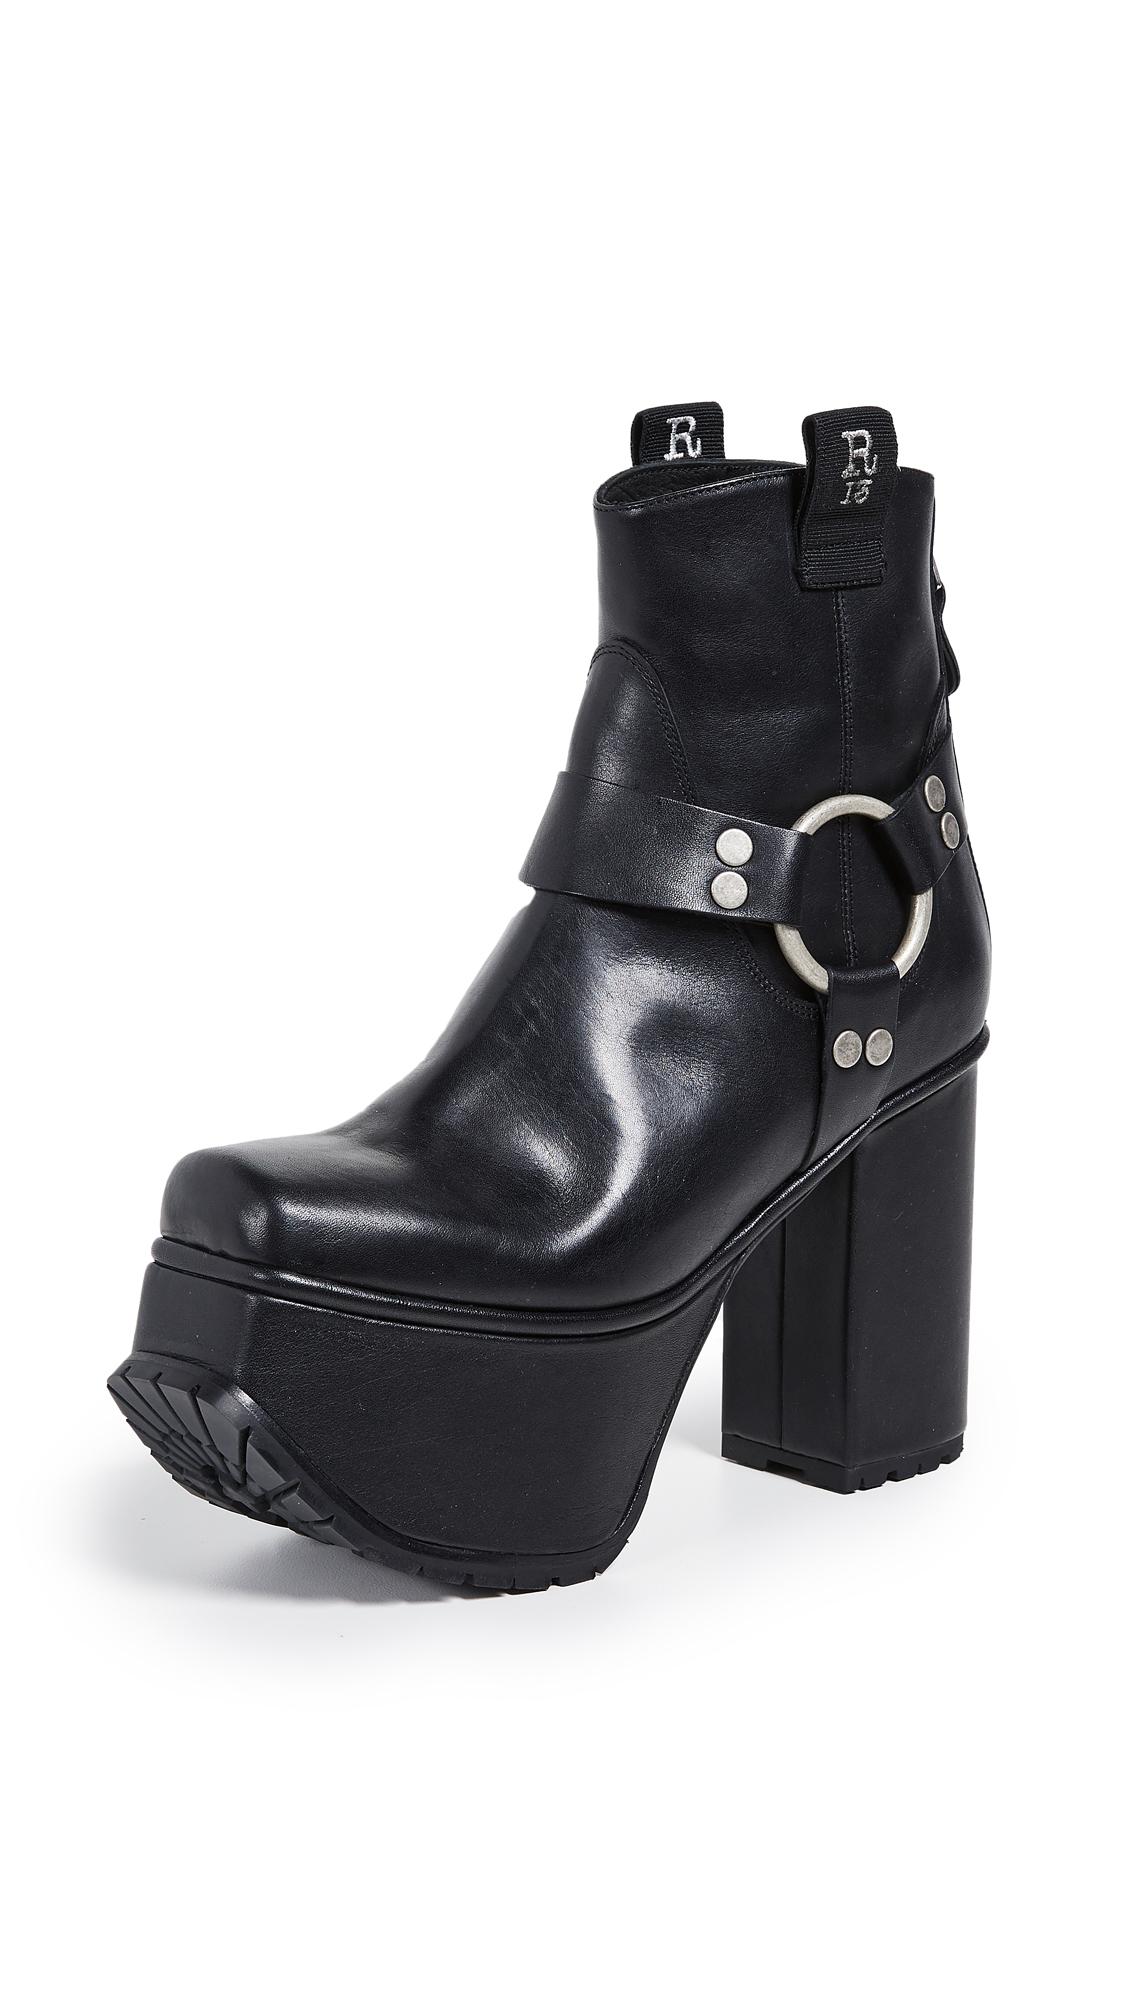 R13 Ankle Harness Platform Boots - Black